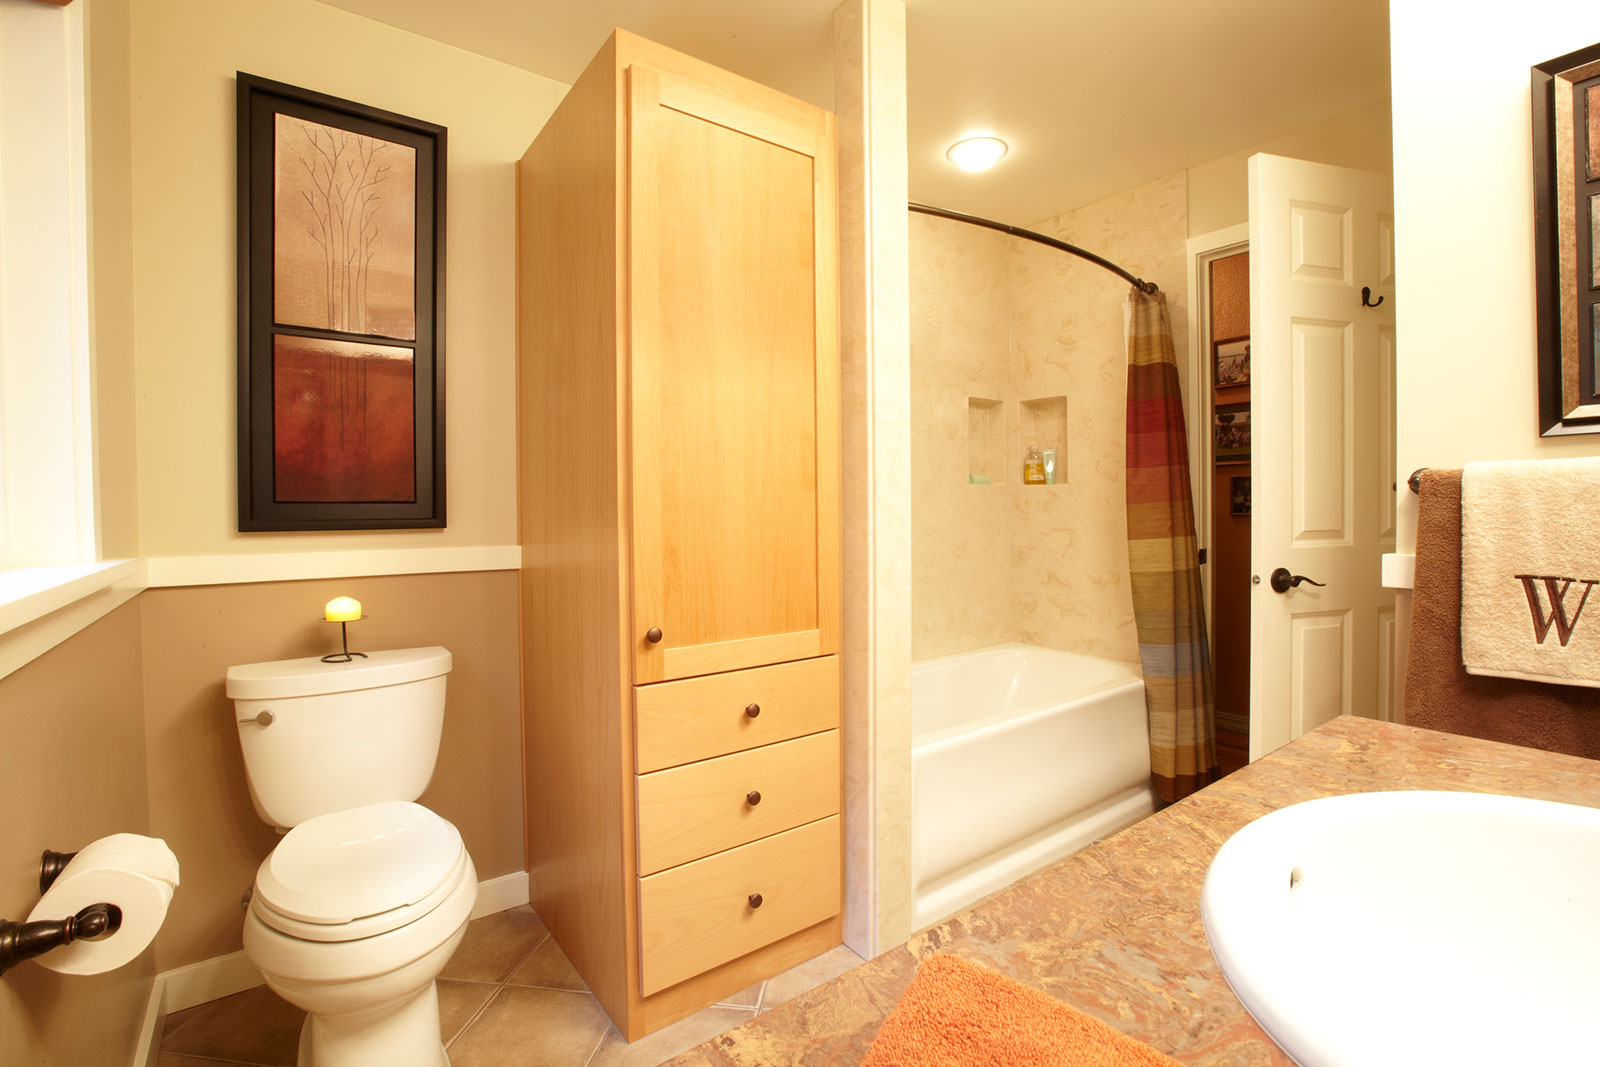 Walker Bathroom Remodel In Eugene Oregon - Bathroom remodel eugene oregon